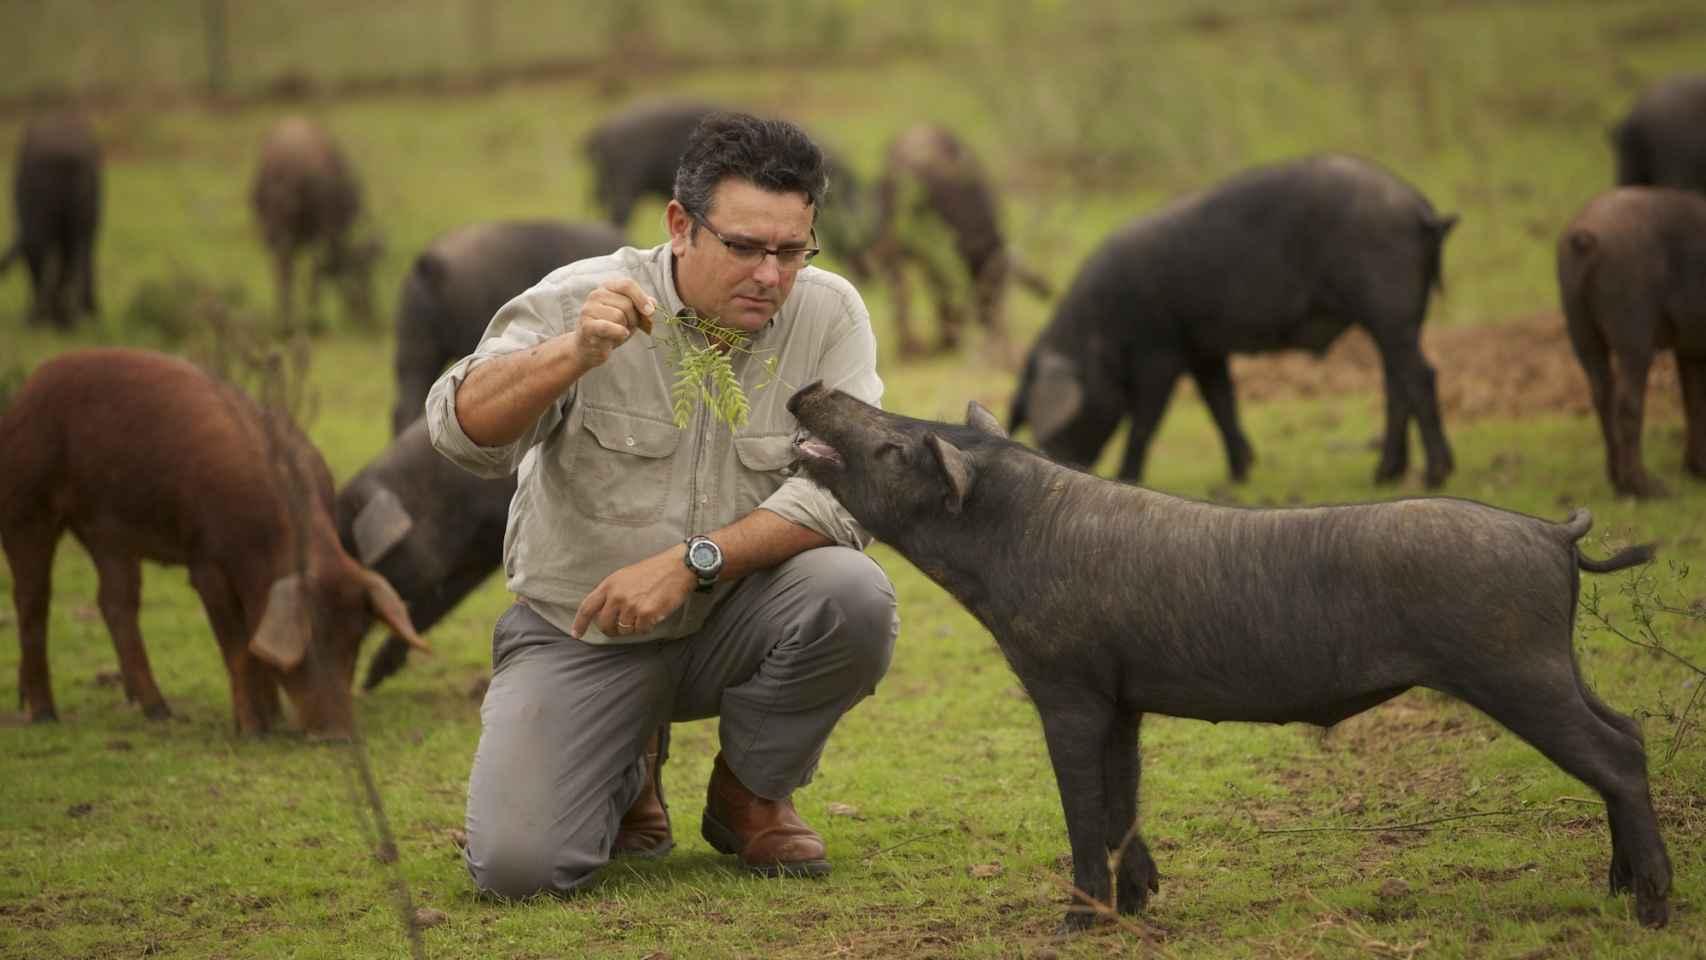 Manuel, socio de Sergio, alimentando uno de los cerdos de Acornseekers.